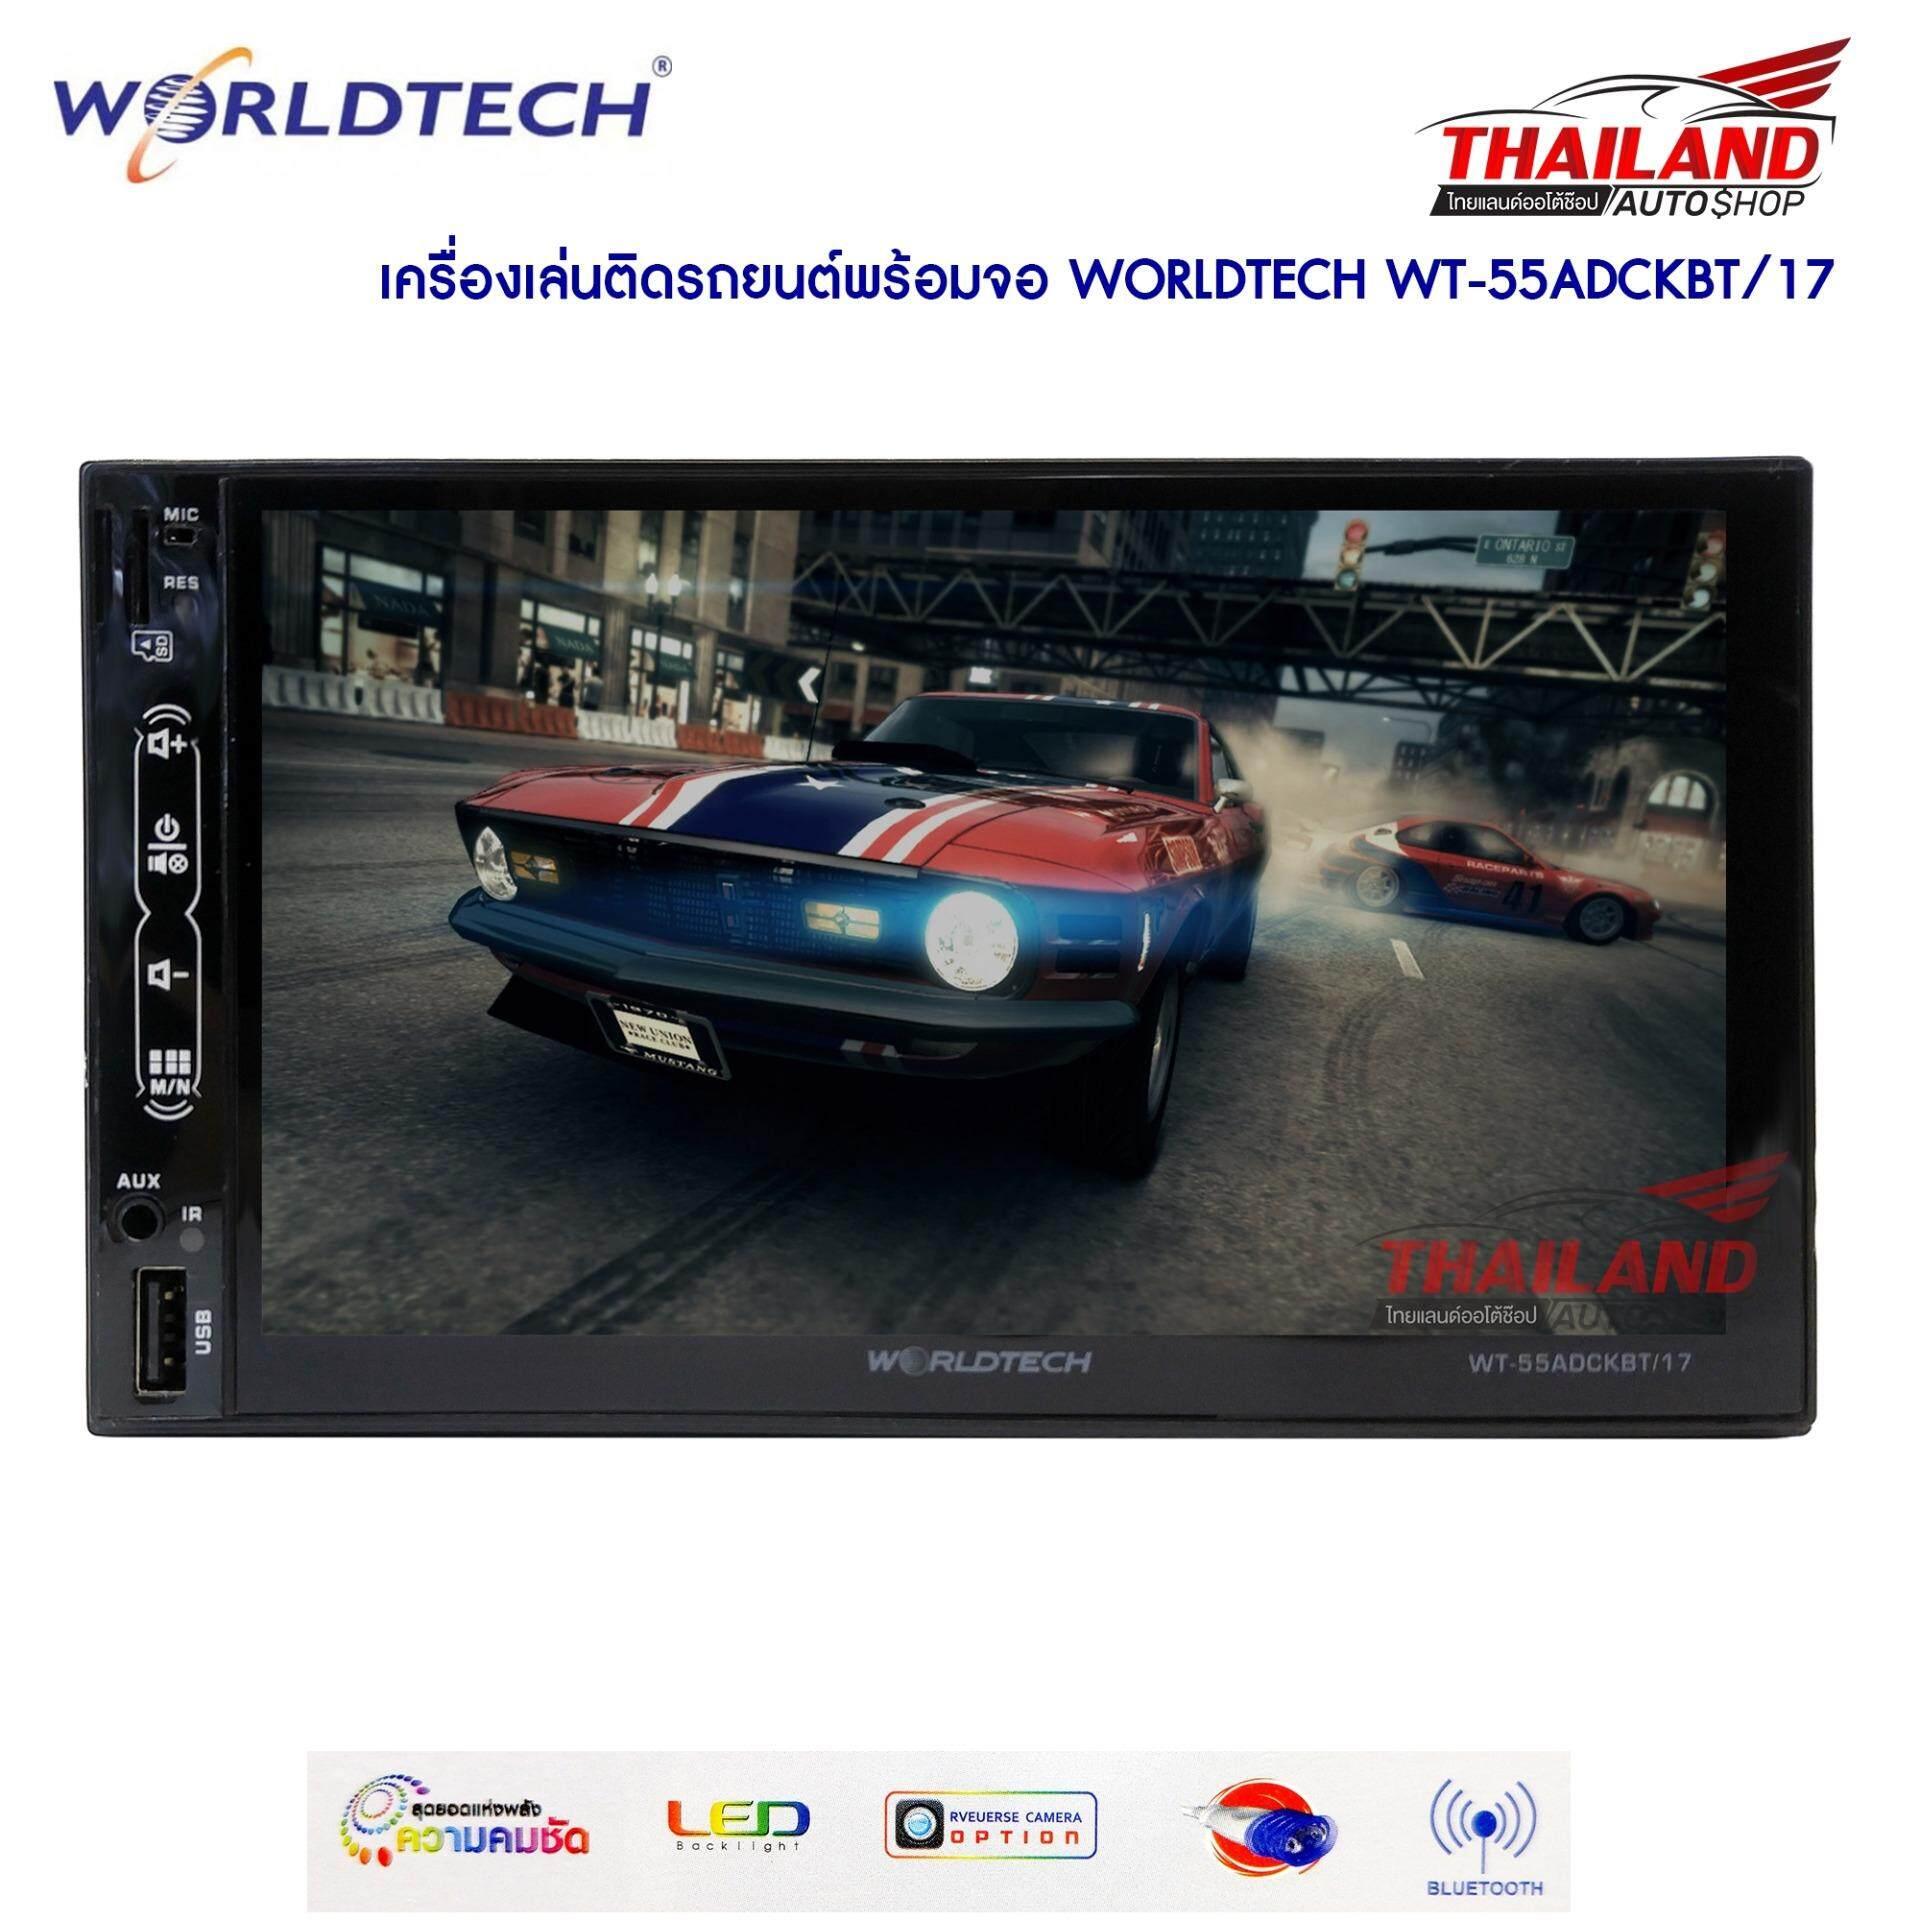 ขาย Worldtech เครื่องเล่นติดรถยนต์พร้อมจอ เล่นเฉพาะ Usb Sd Card รองรับ Mirror Link กับ Andriond รุ่น Wt 55Adckbt 17 ออนไลน์ กรุงเทพมหานคร